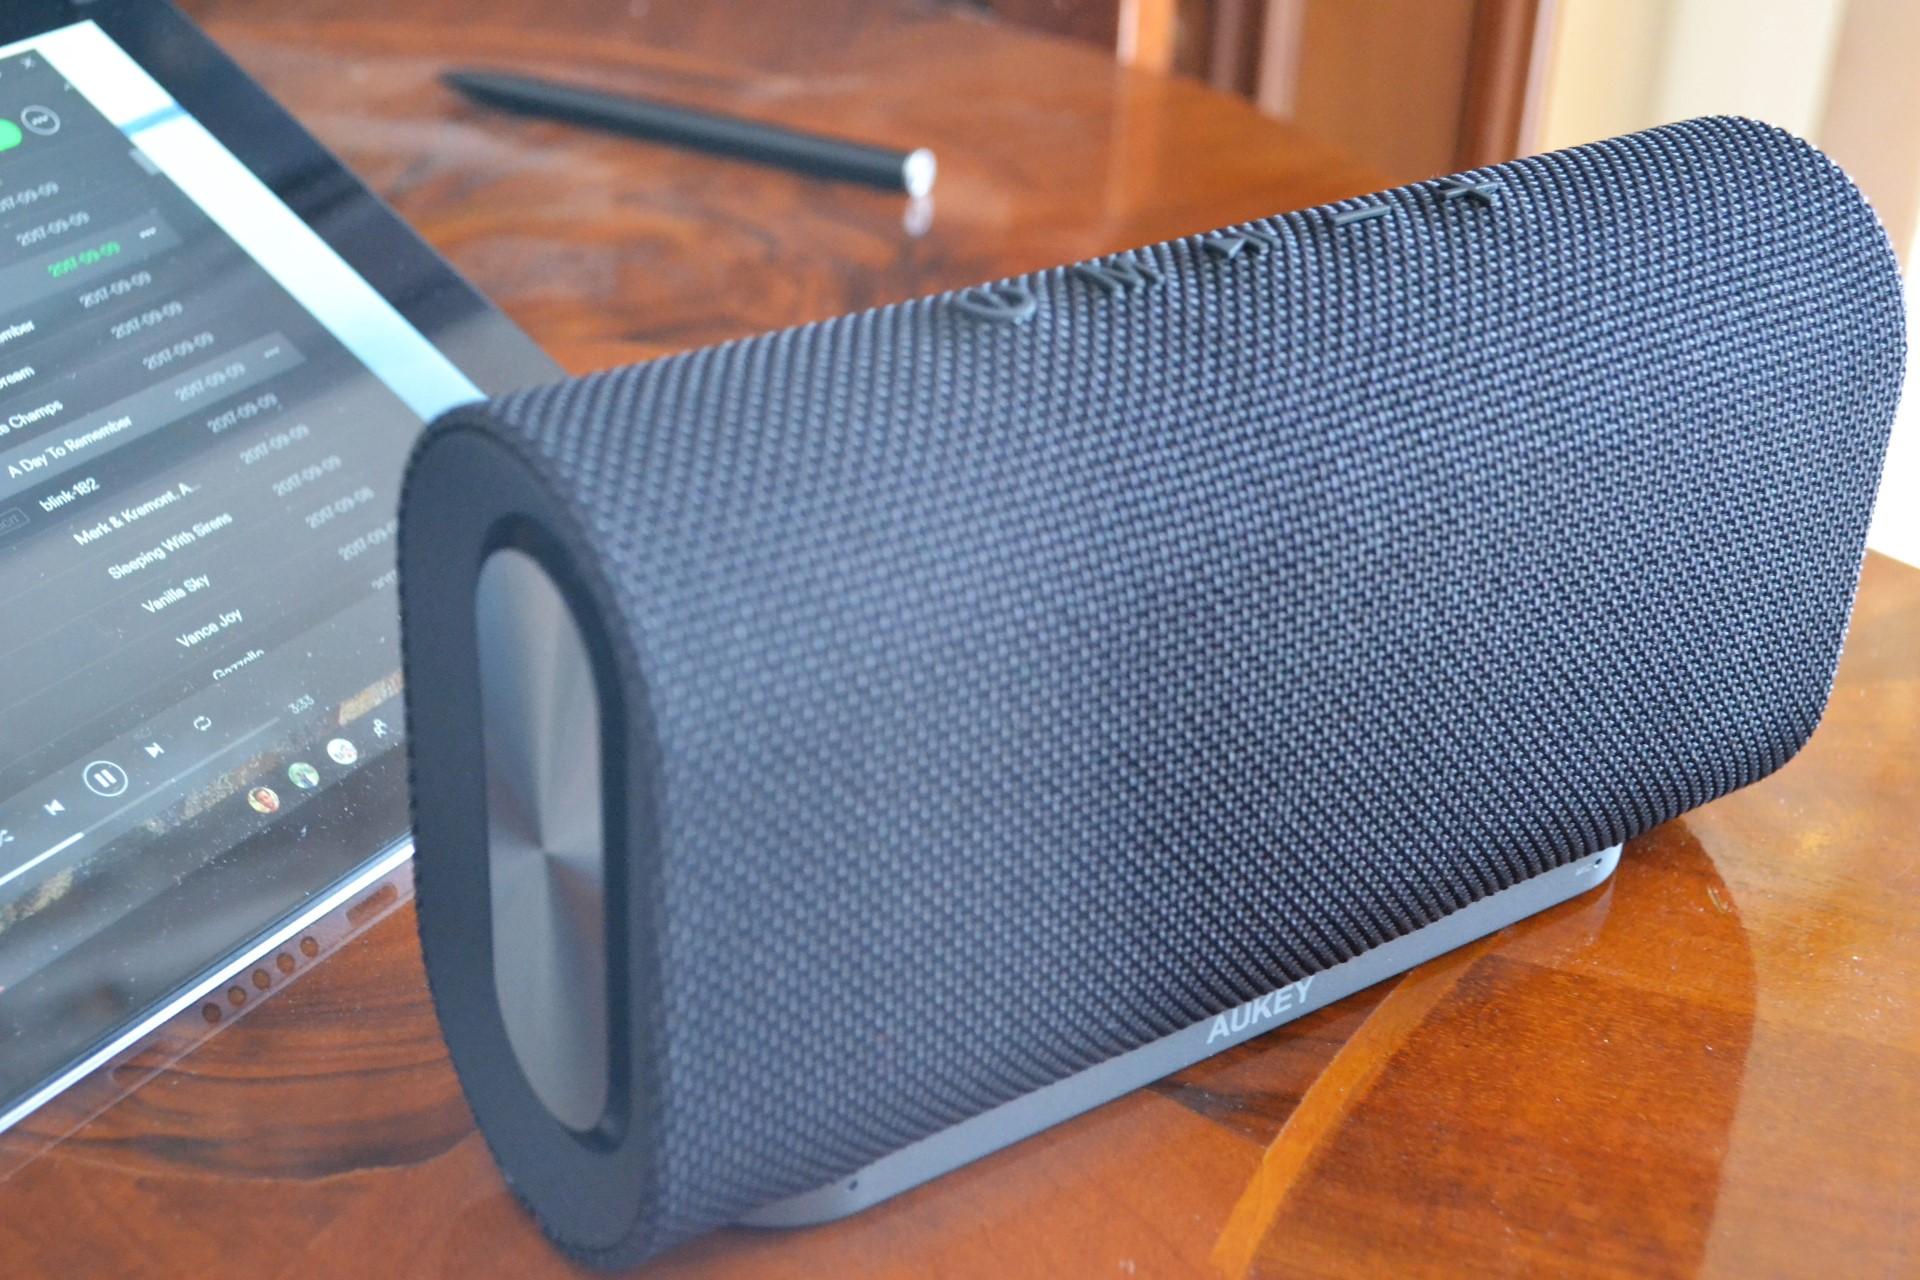 Aukey Eclipse speaker altoparlante cassa bluetooth hero